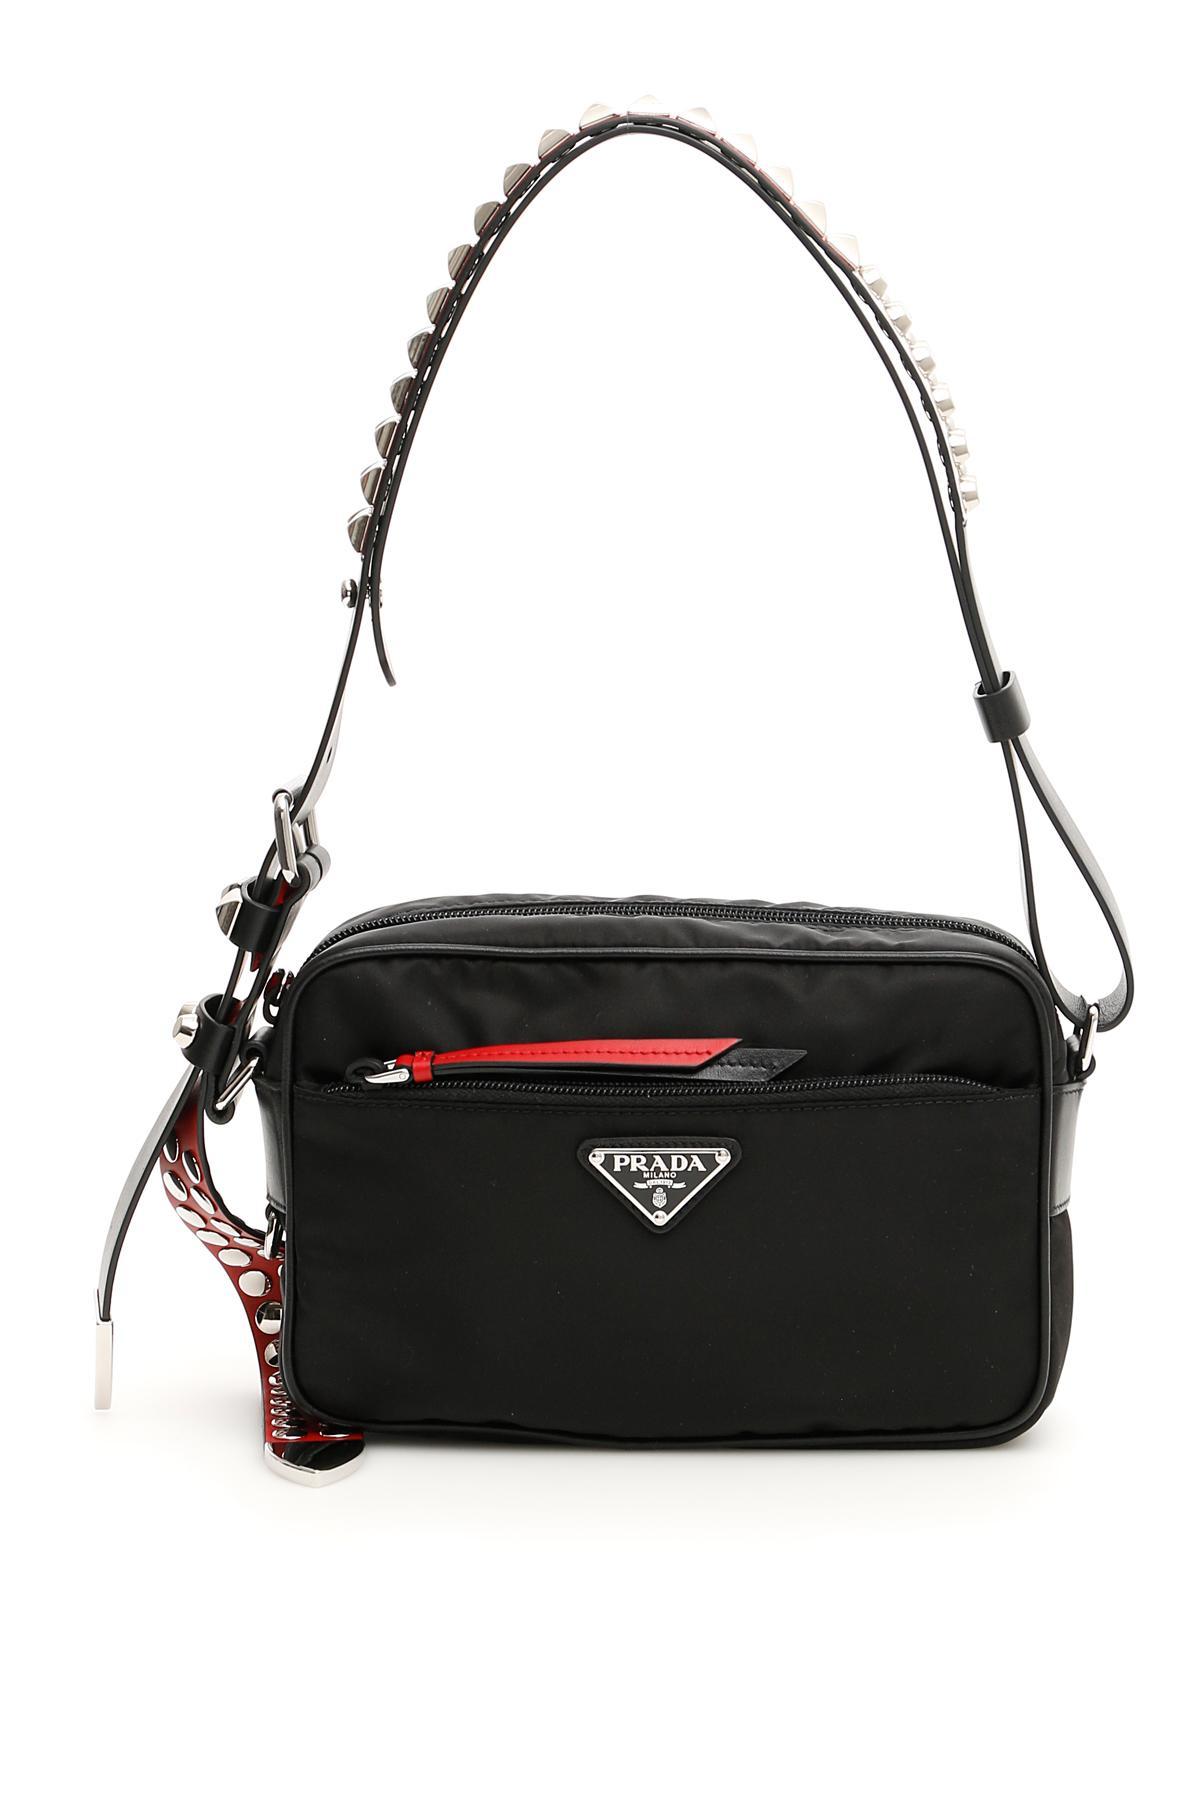 06d2bd982727e6 Prada New Vela Bag in Black - Lyst